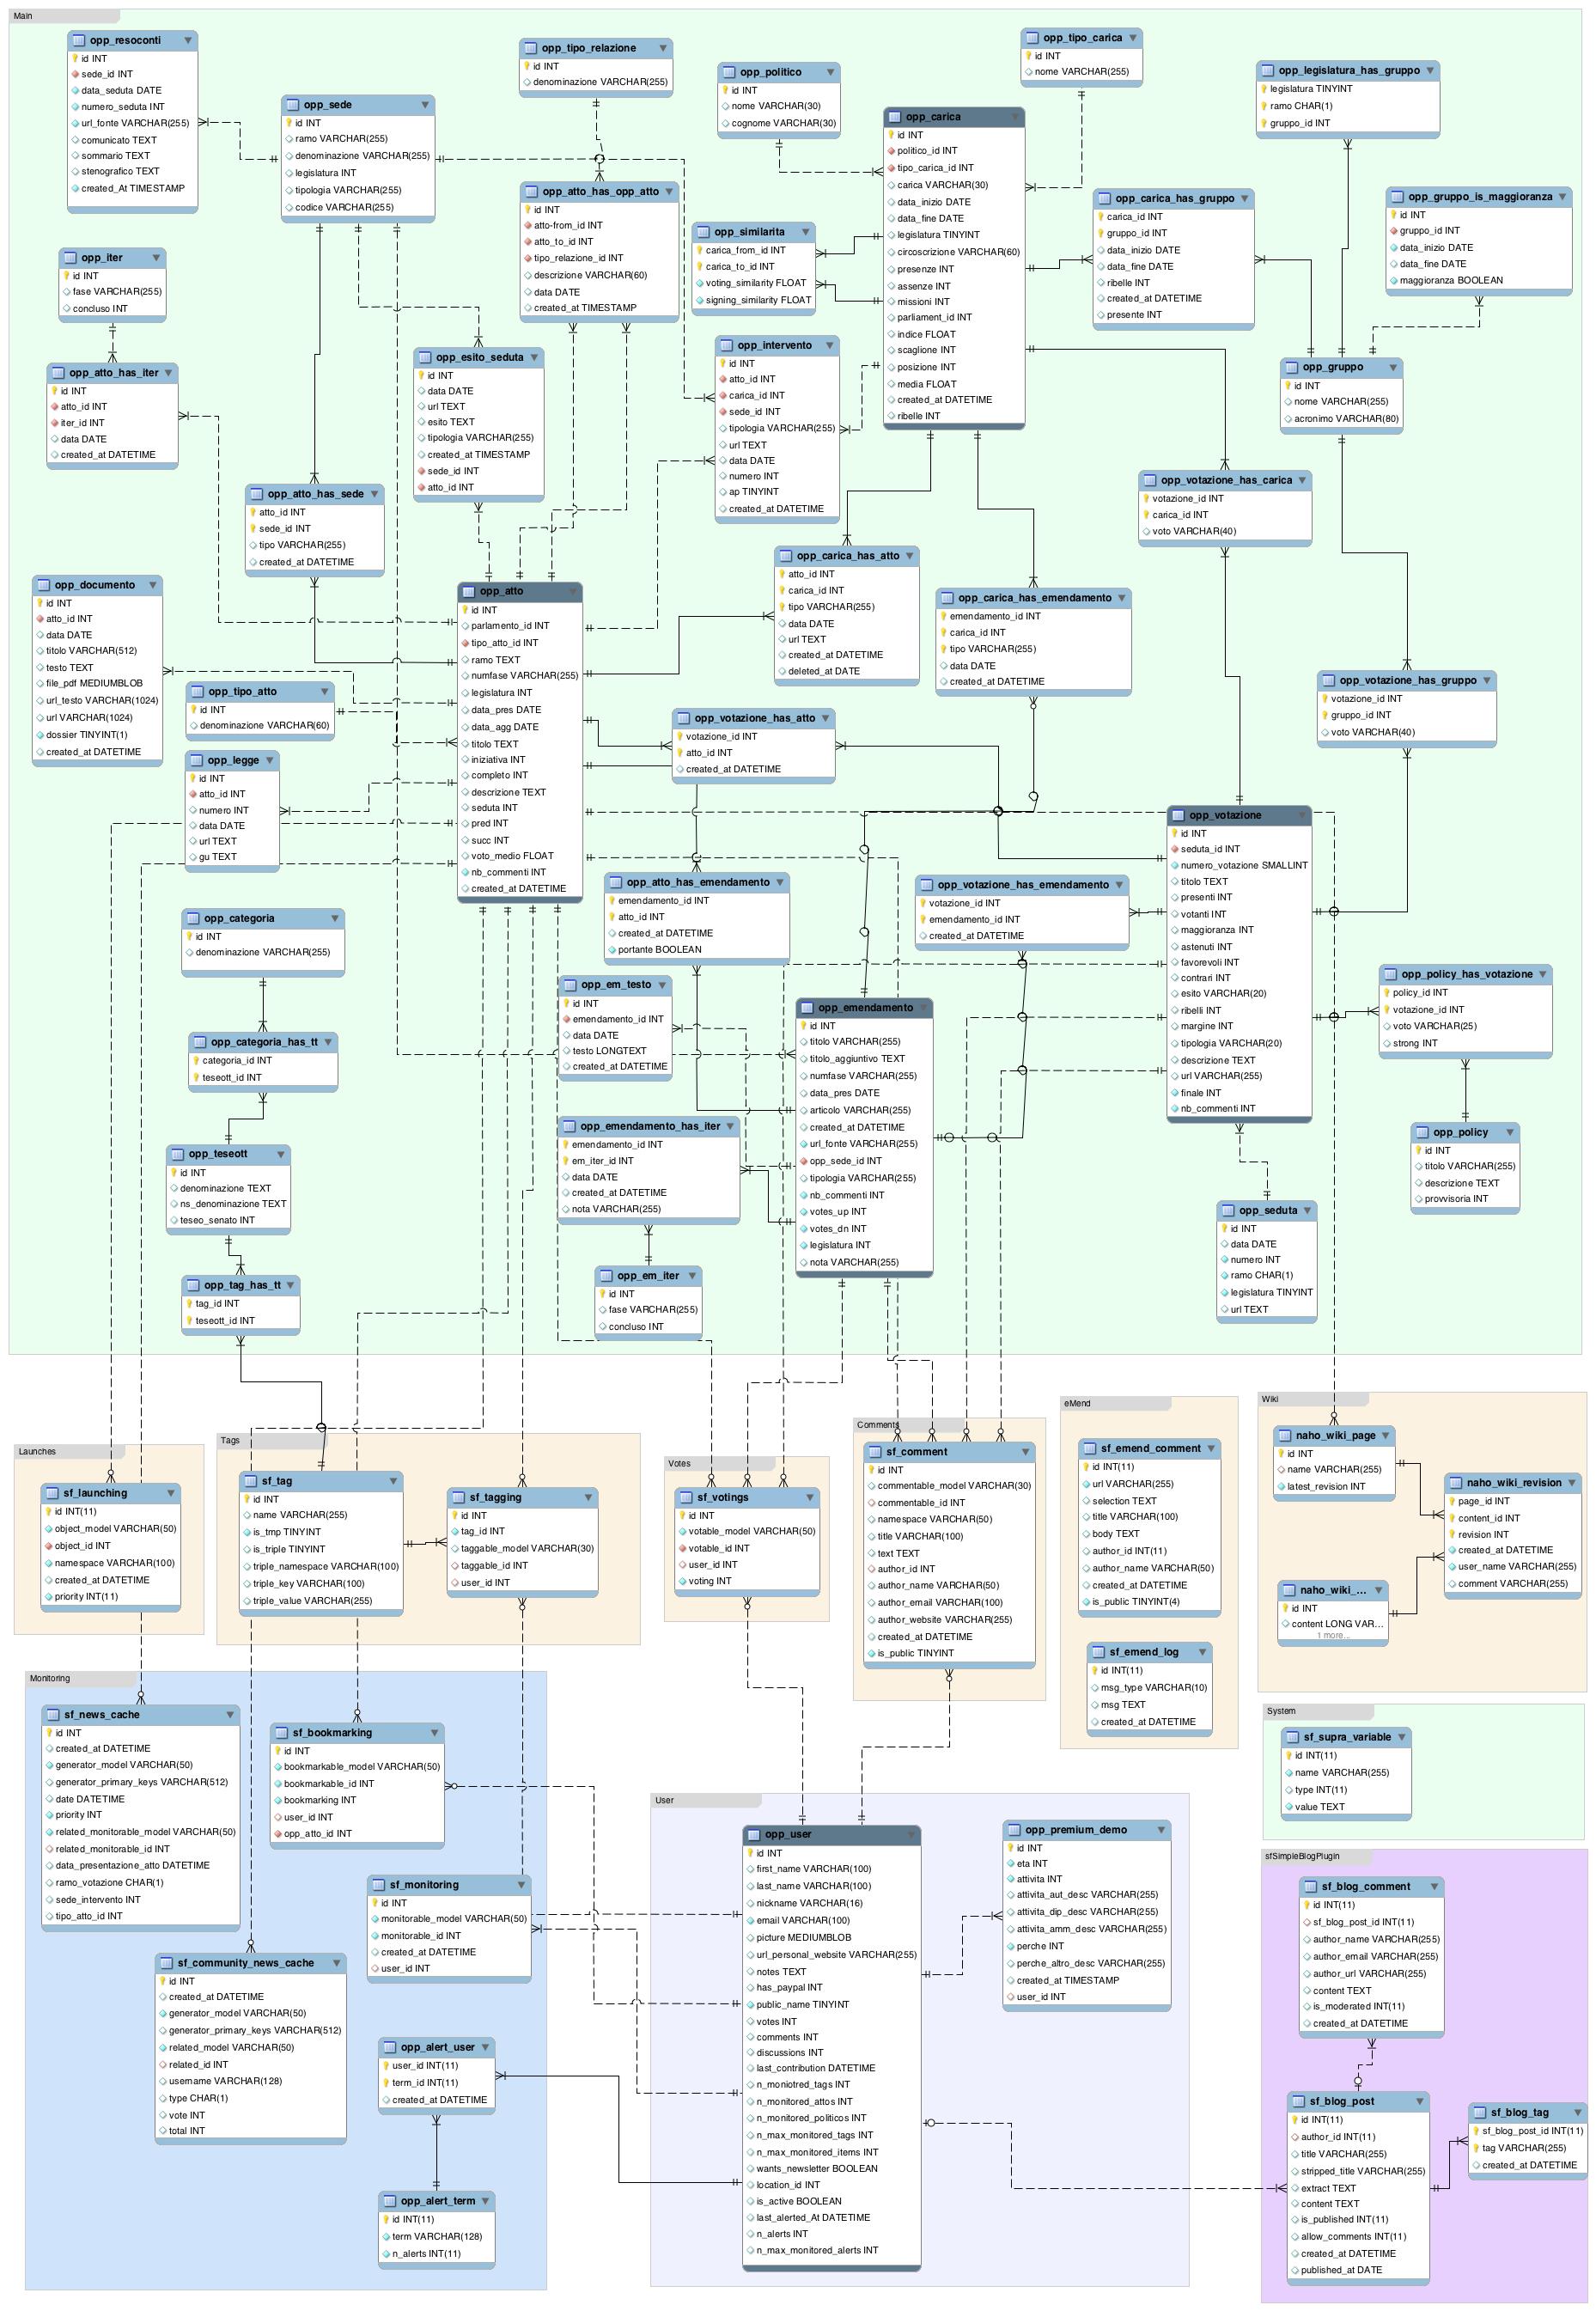 docs/opp_model.png